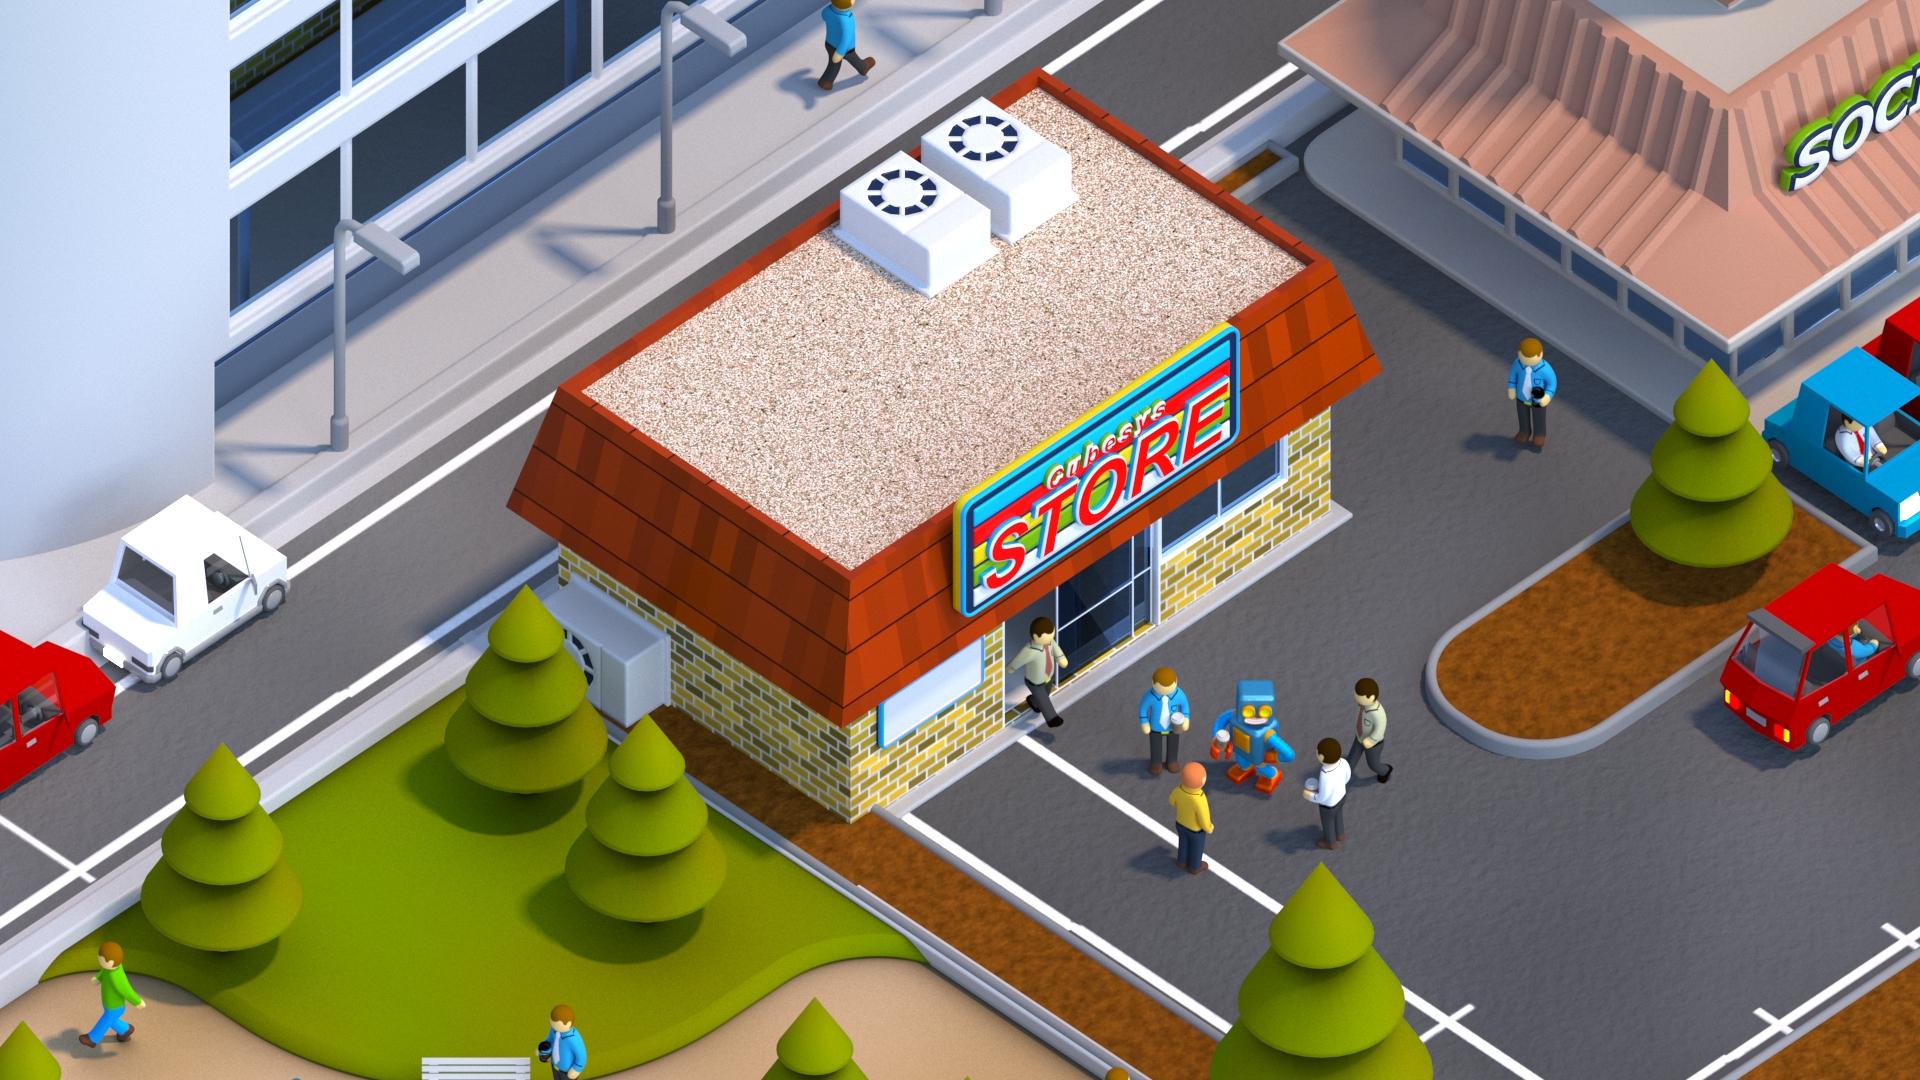 09_Store.jpg